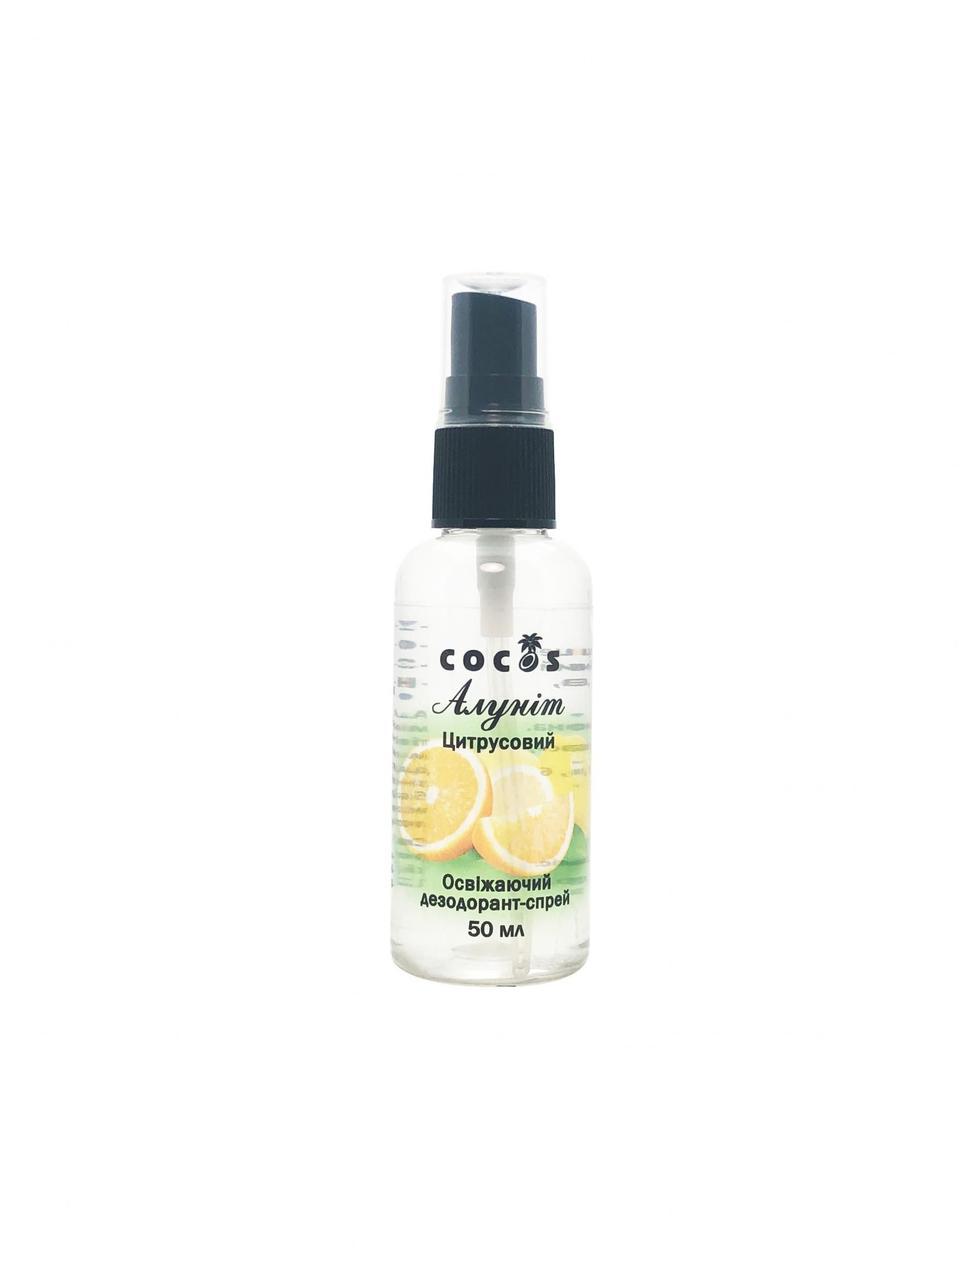 Дезодорант-спрей Алунит цитрусовый, 50 мл, Кокос